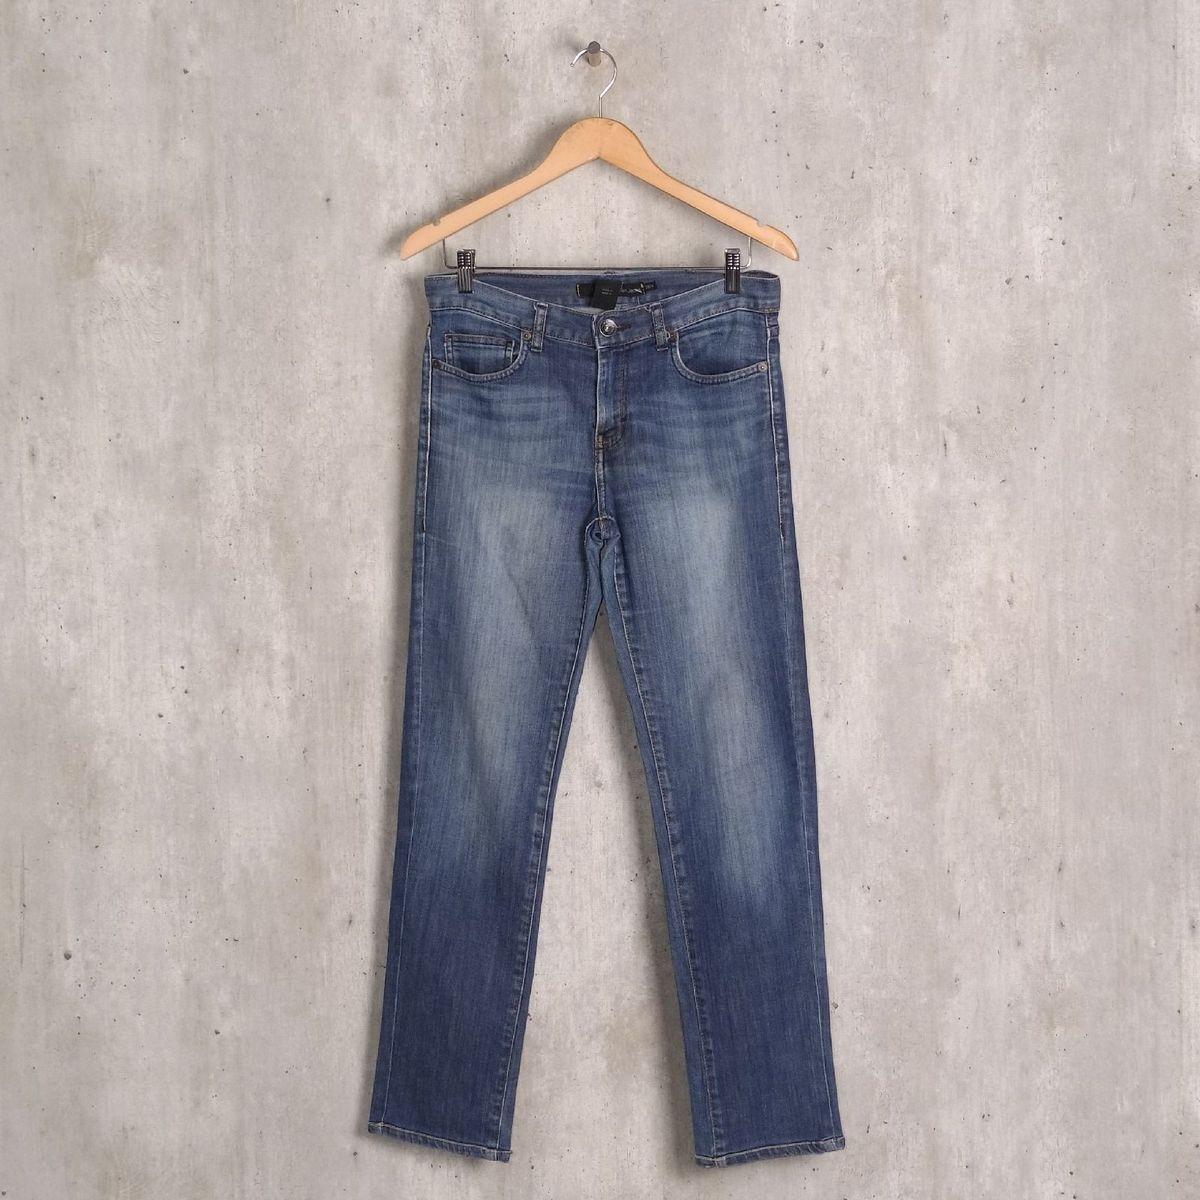 calça jeans azul básica calvin klein - calças calvin klein